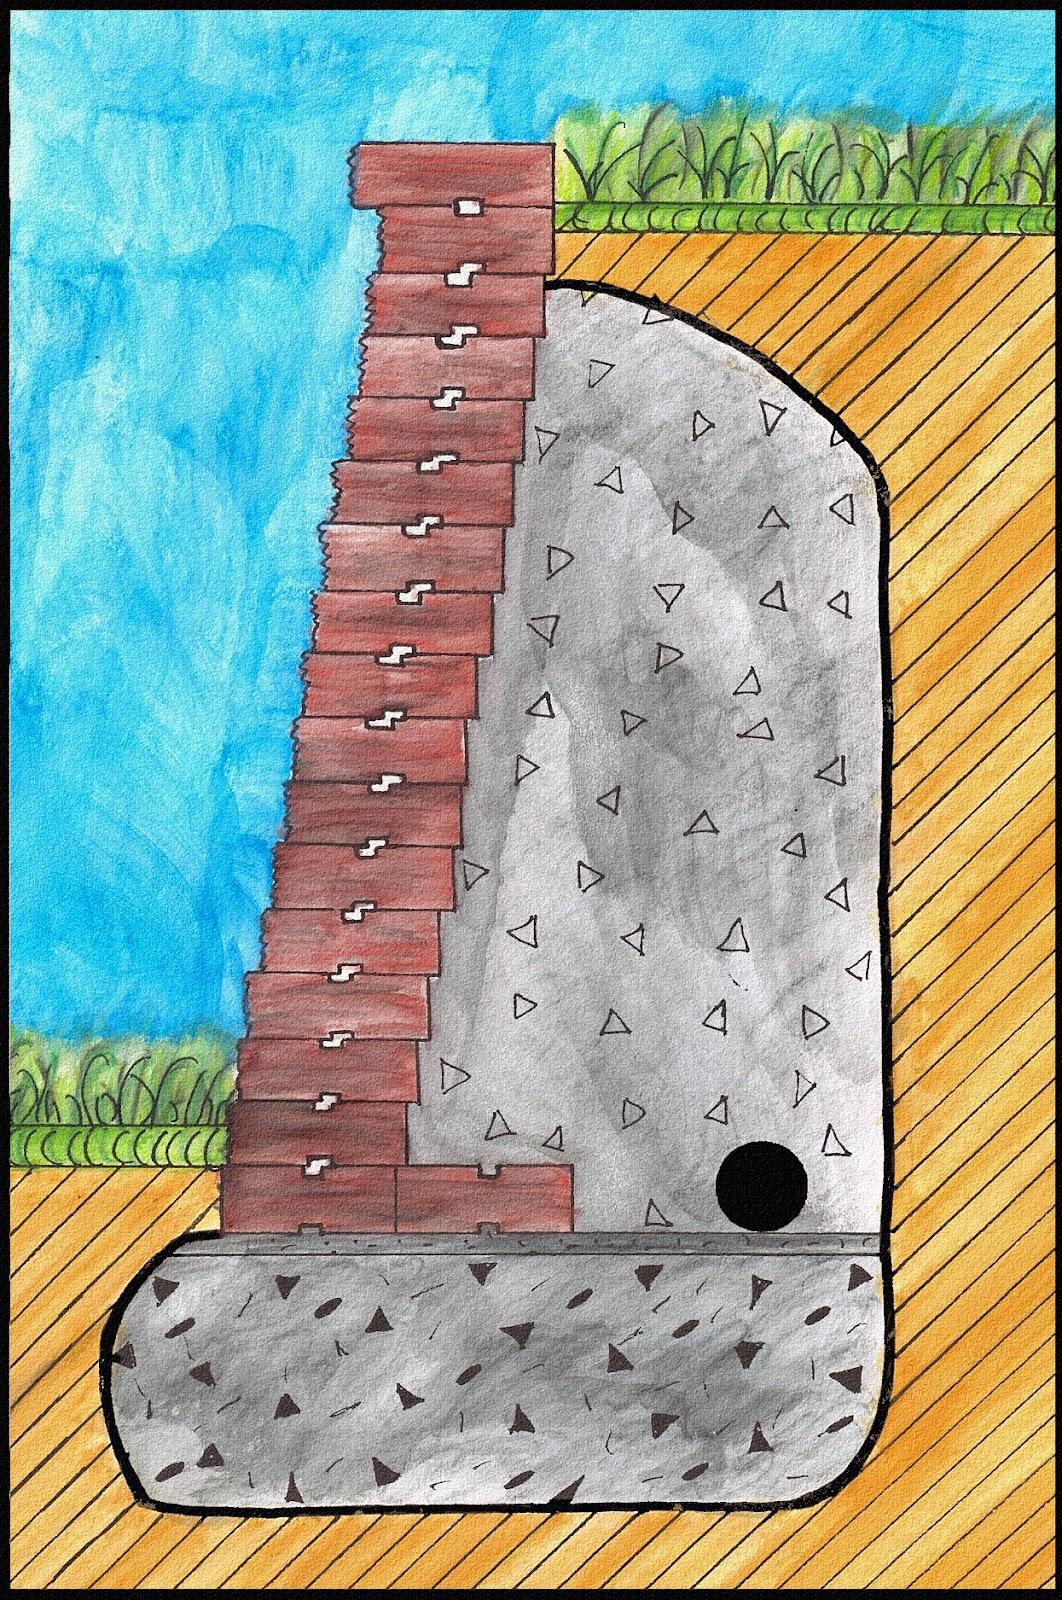 Cr ation paysage construction d 39 un muret de sout nement en bloc de b ton - Construire un muret en beton ...